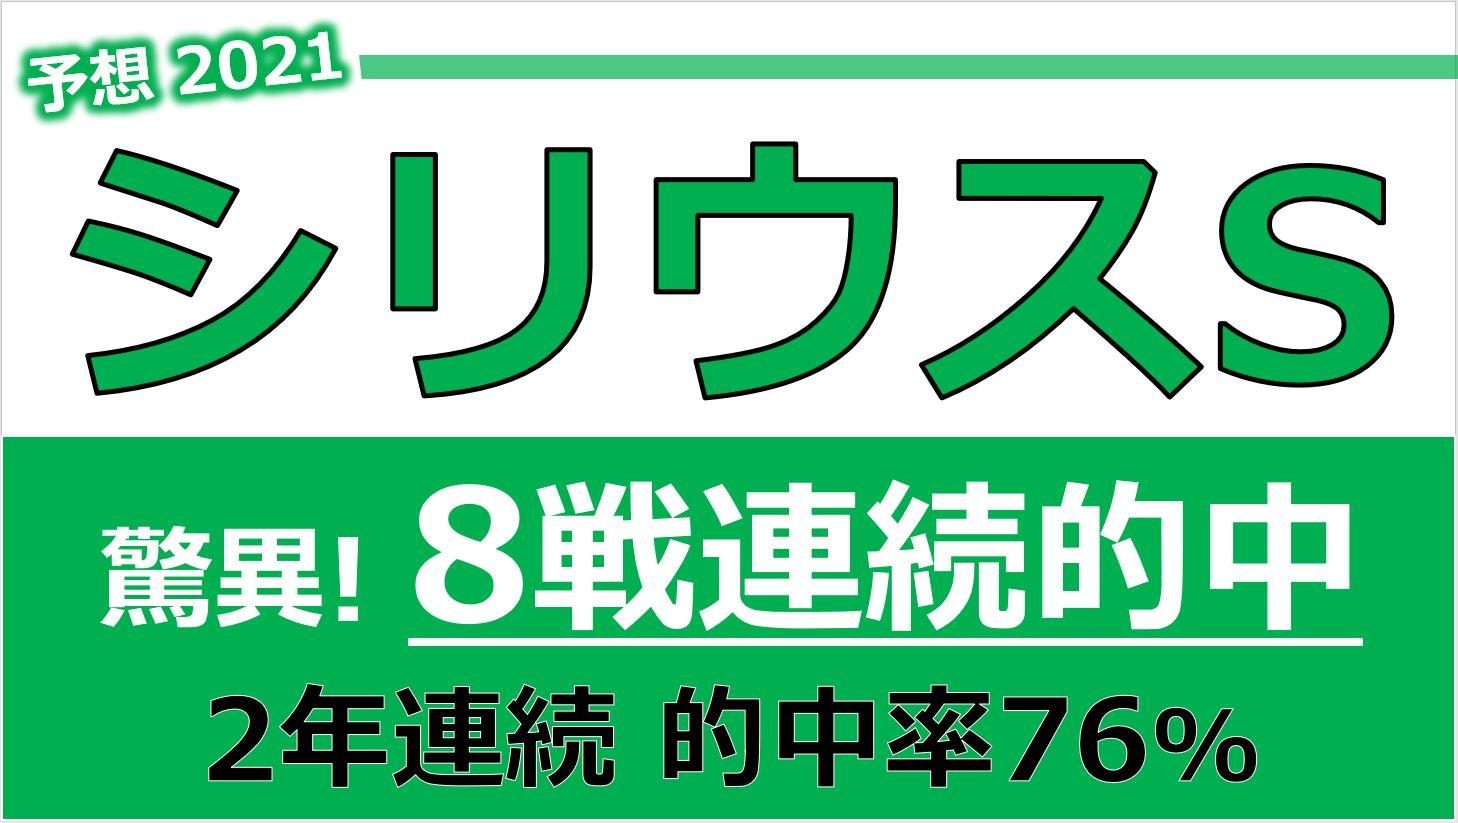 【重賞】シリウスステークス2021|驚異! 年間回収率 126%